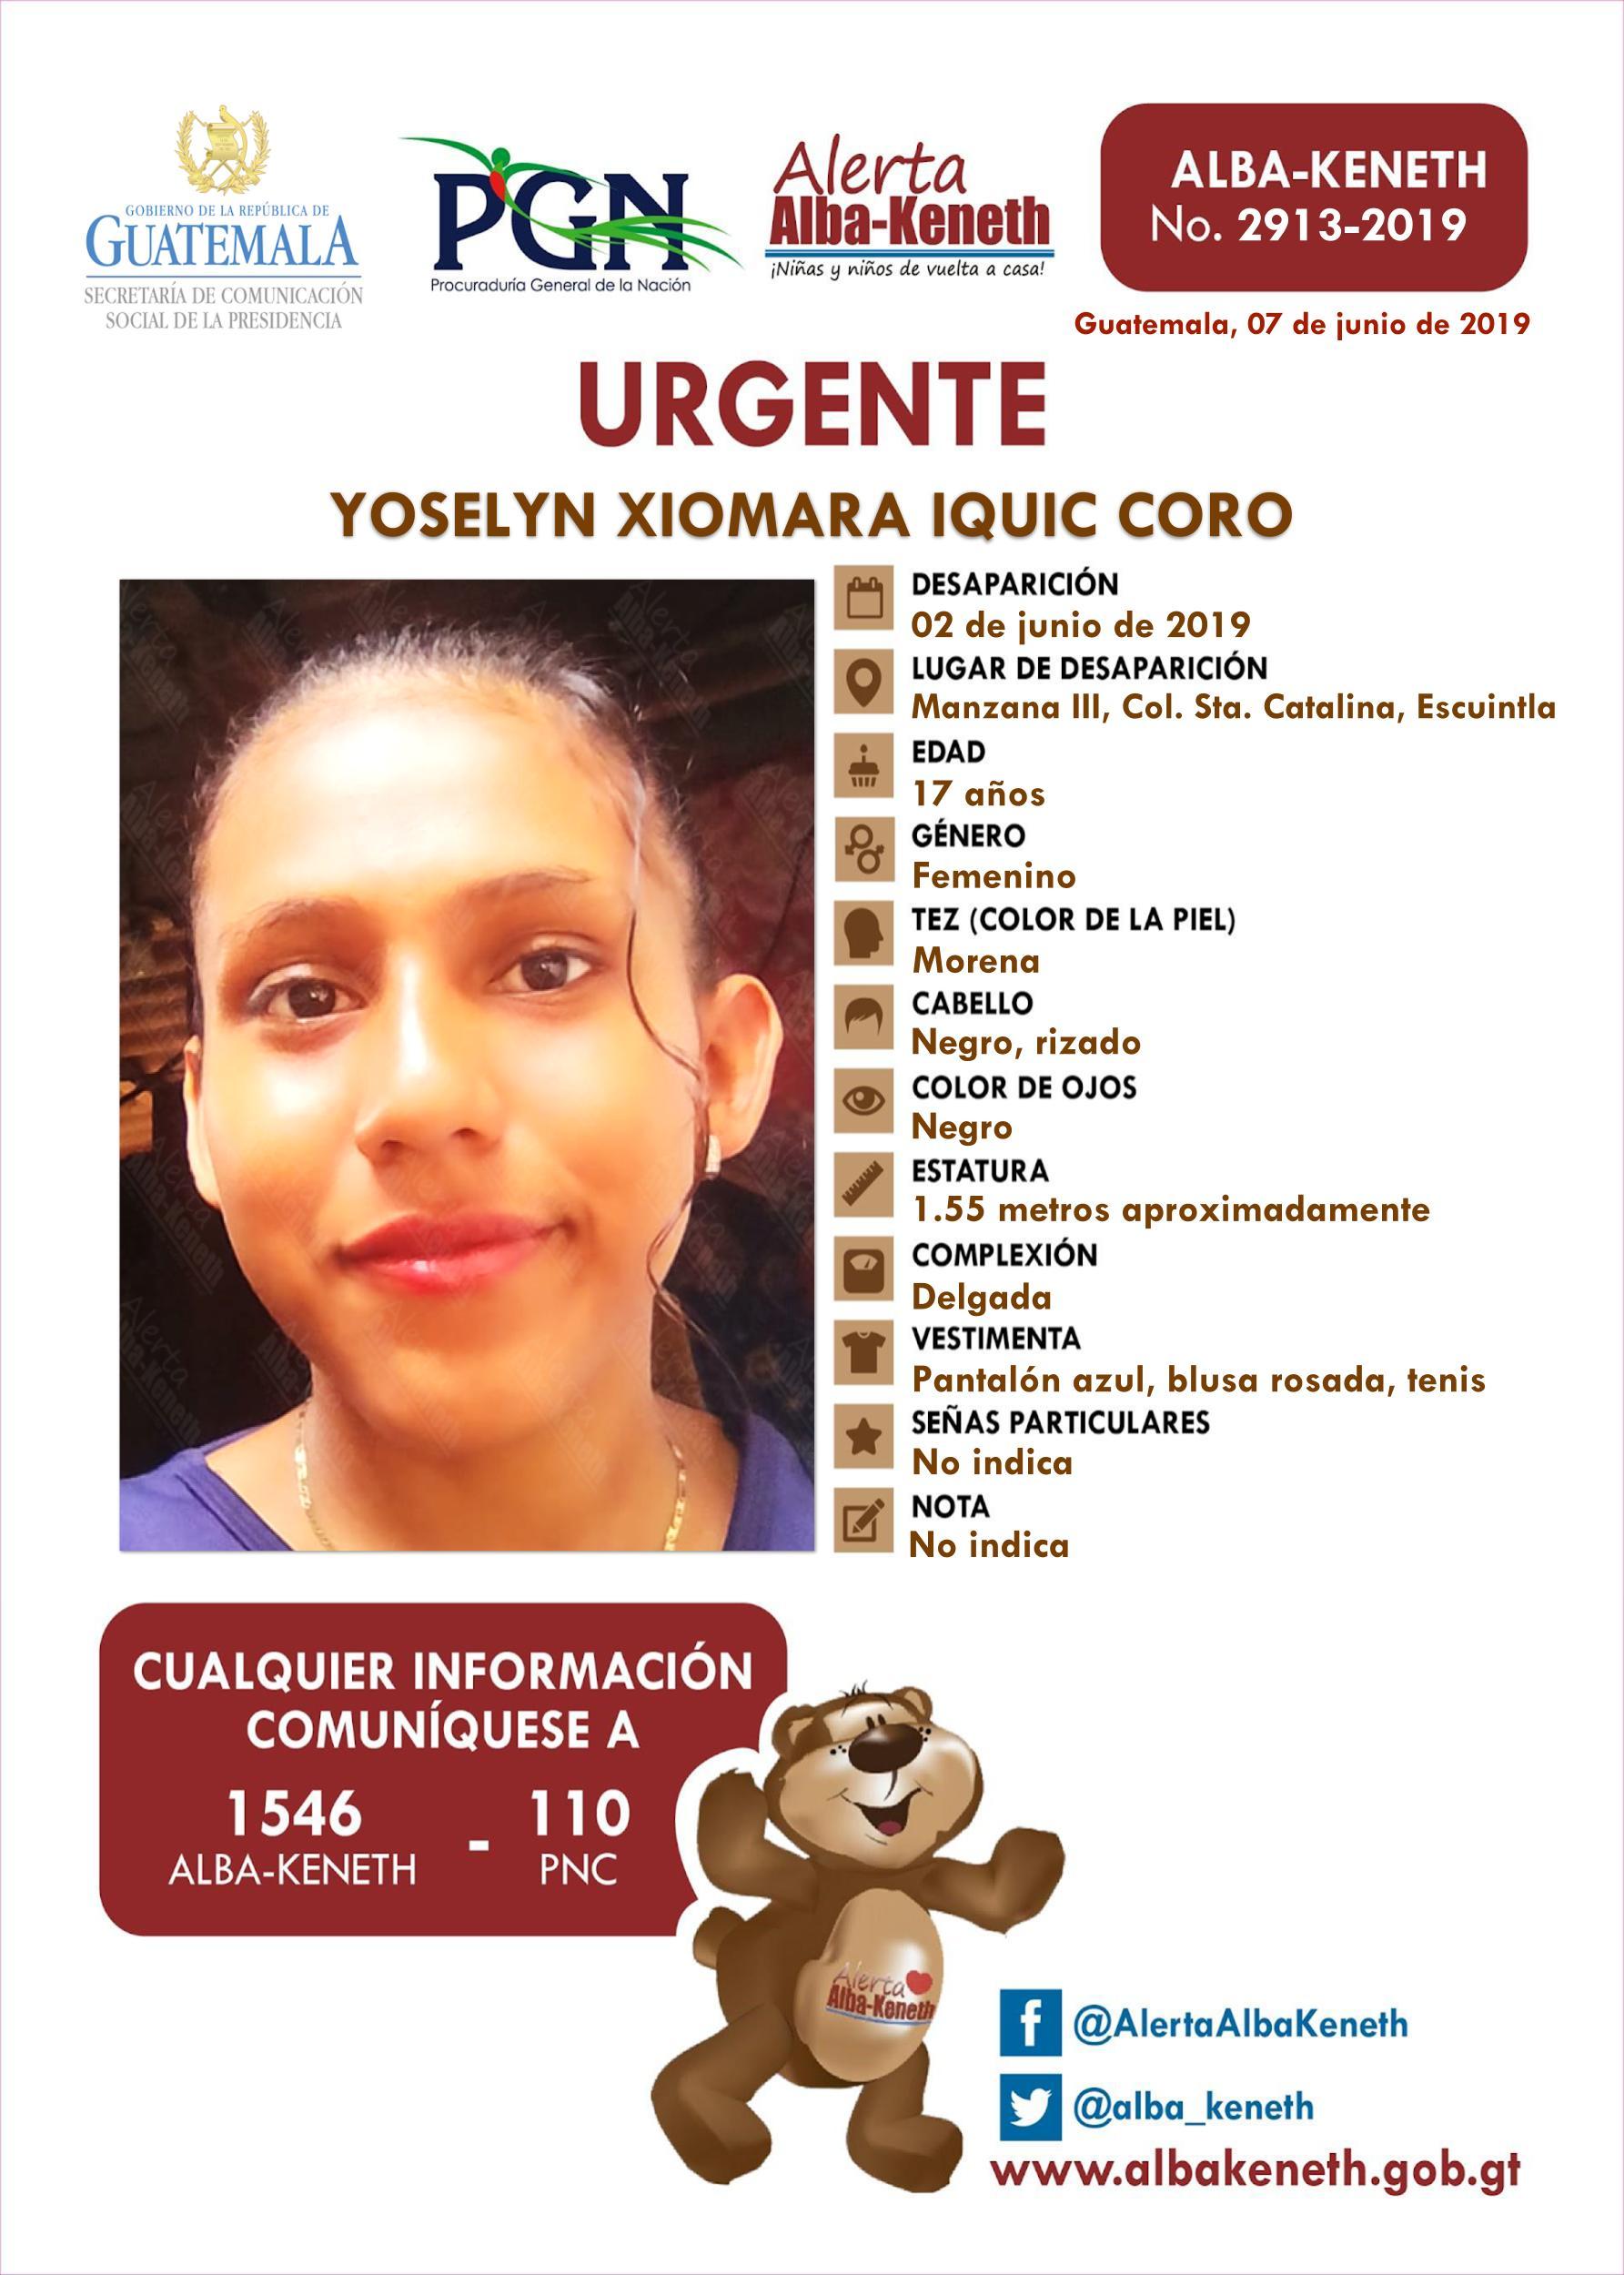 Yoselyn Xiomara Iquic Coro